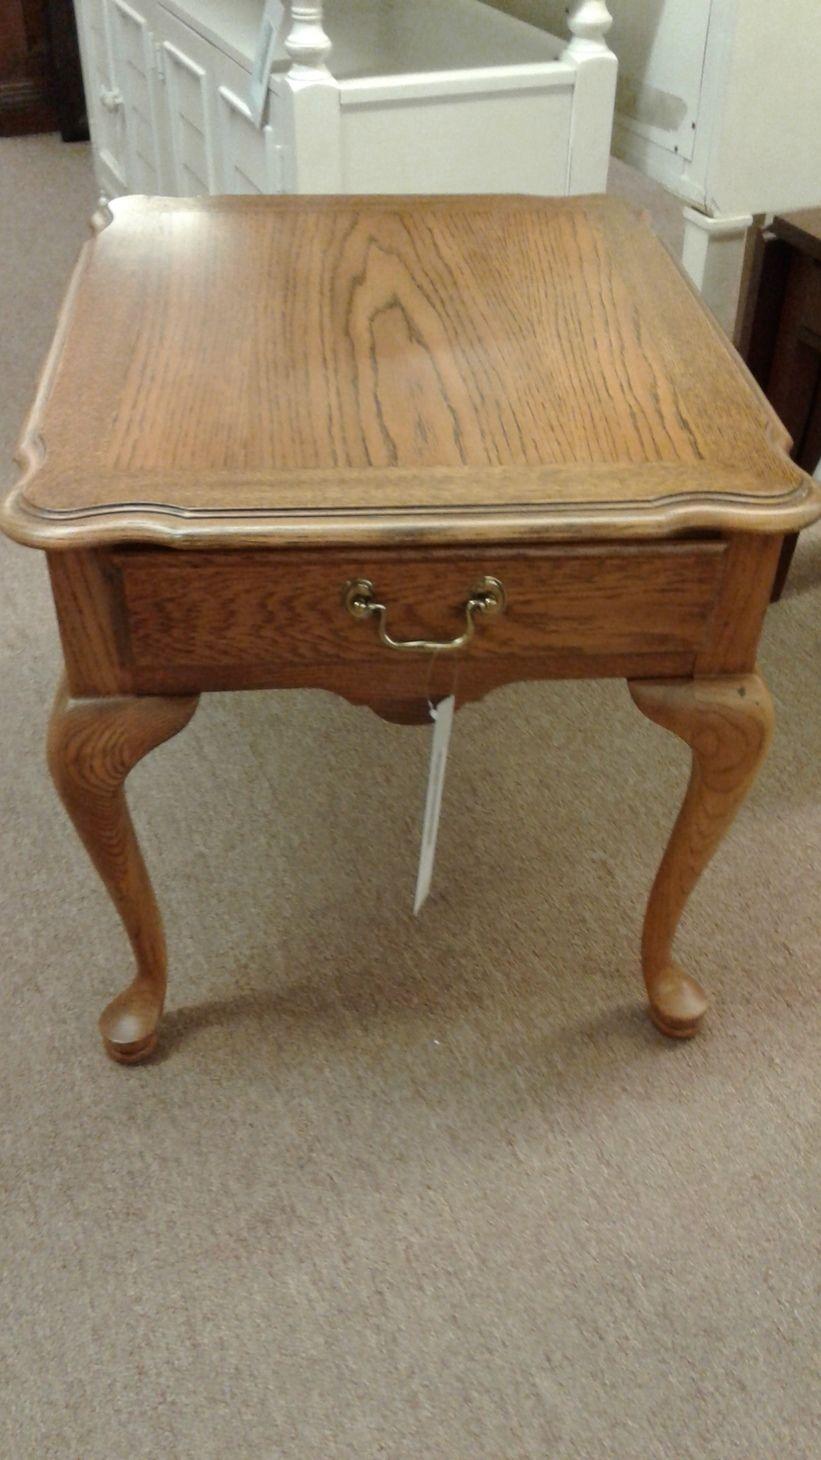 Thomasville Oak End Table Delmarva Furniture Consignment